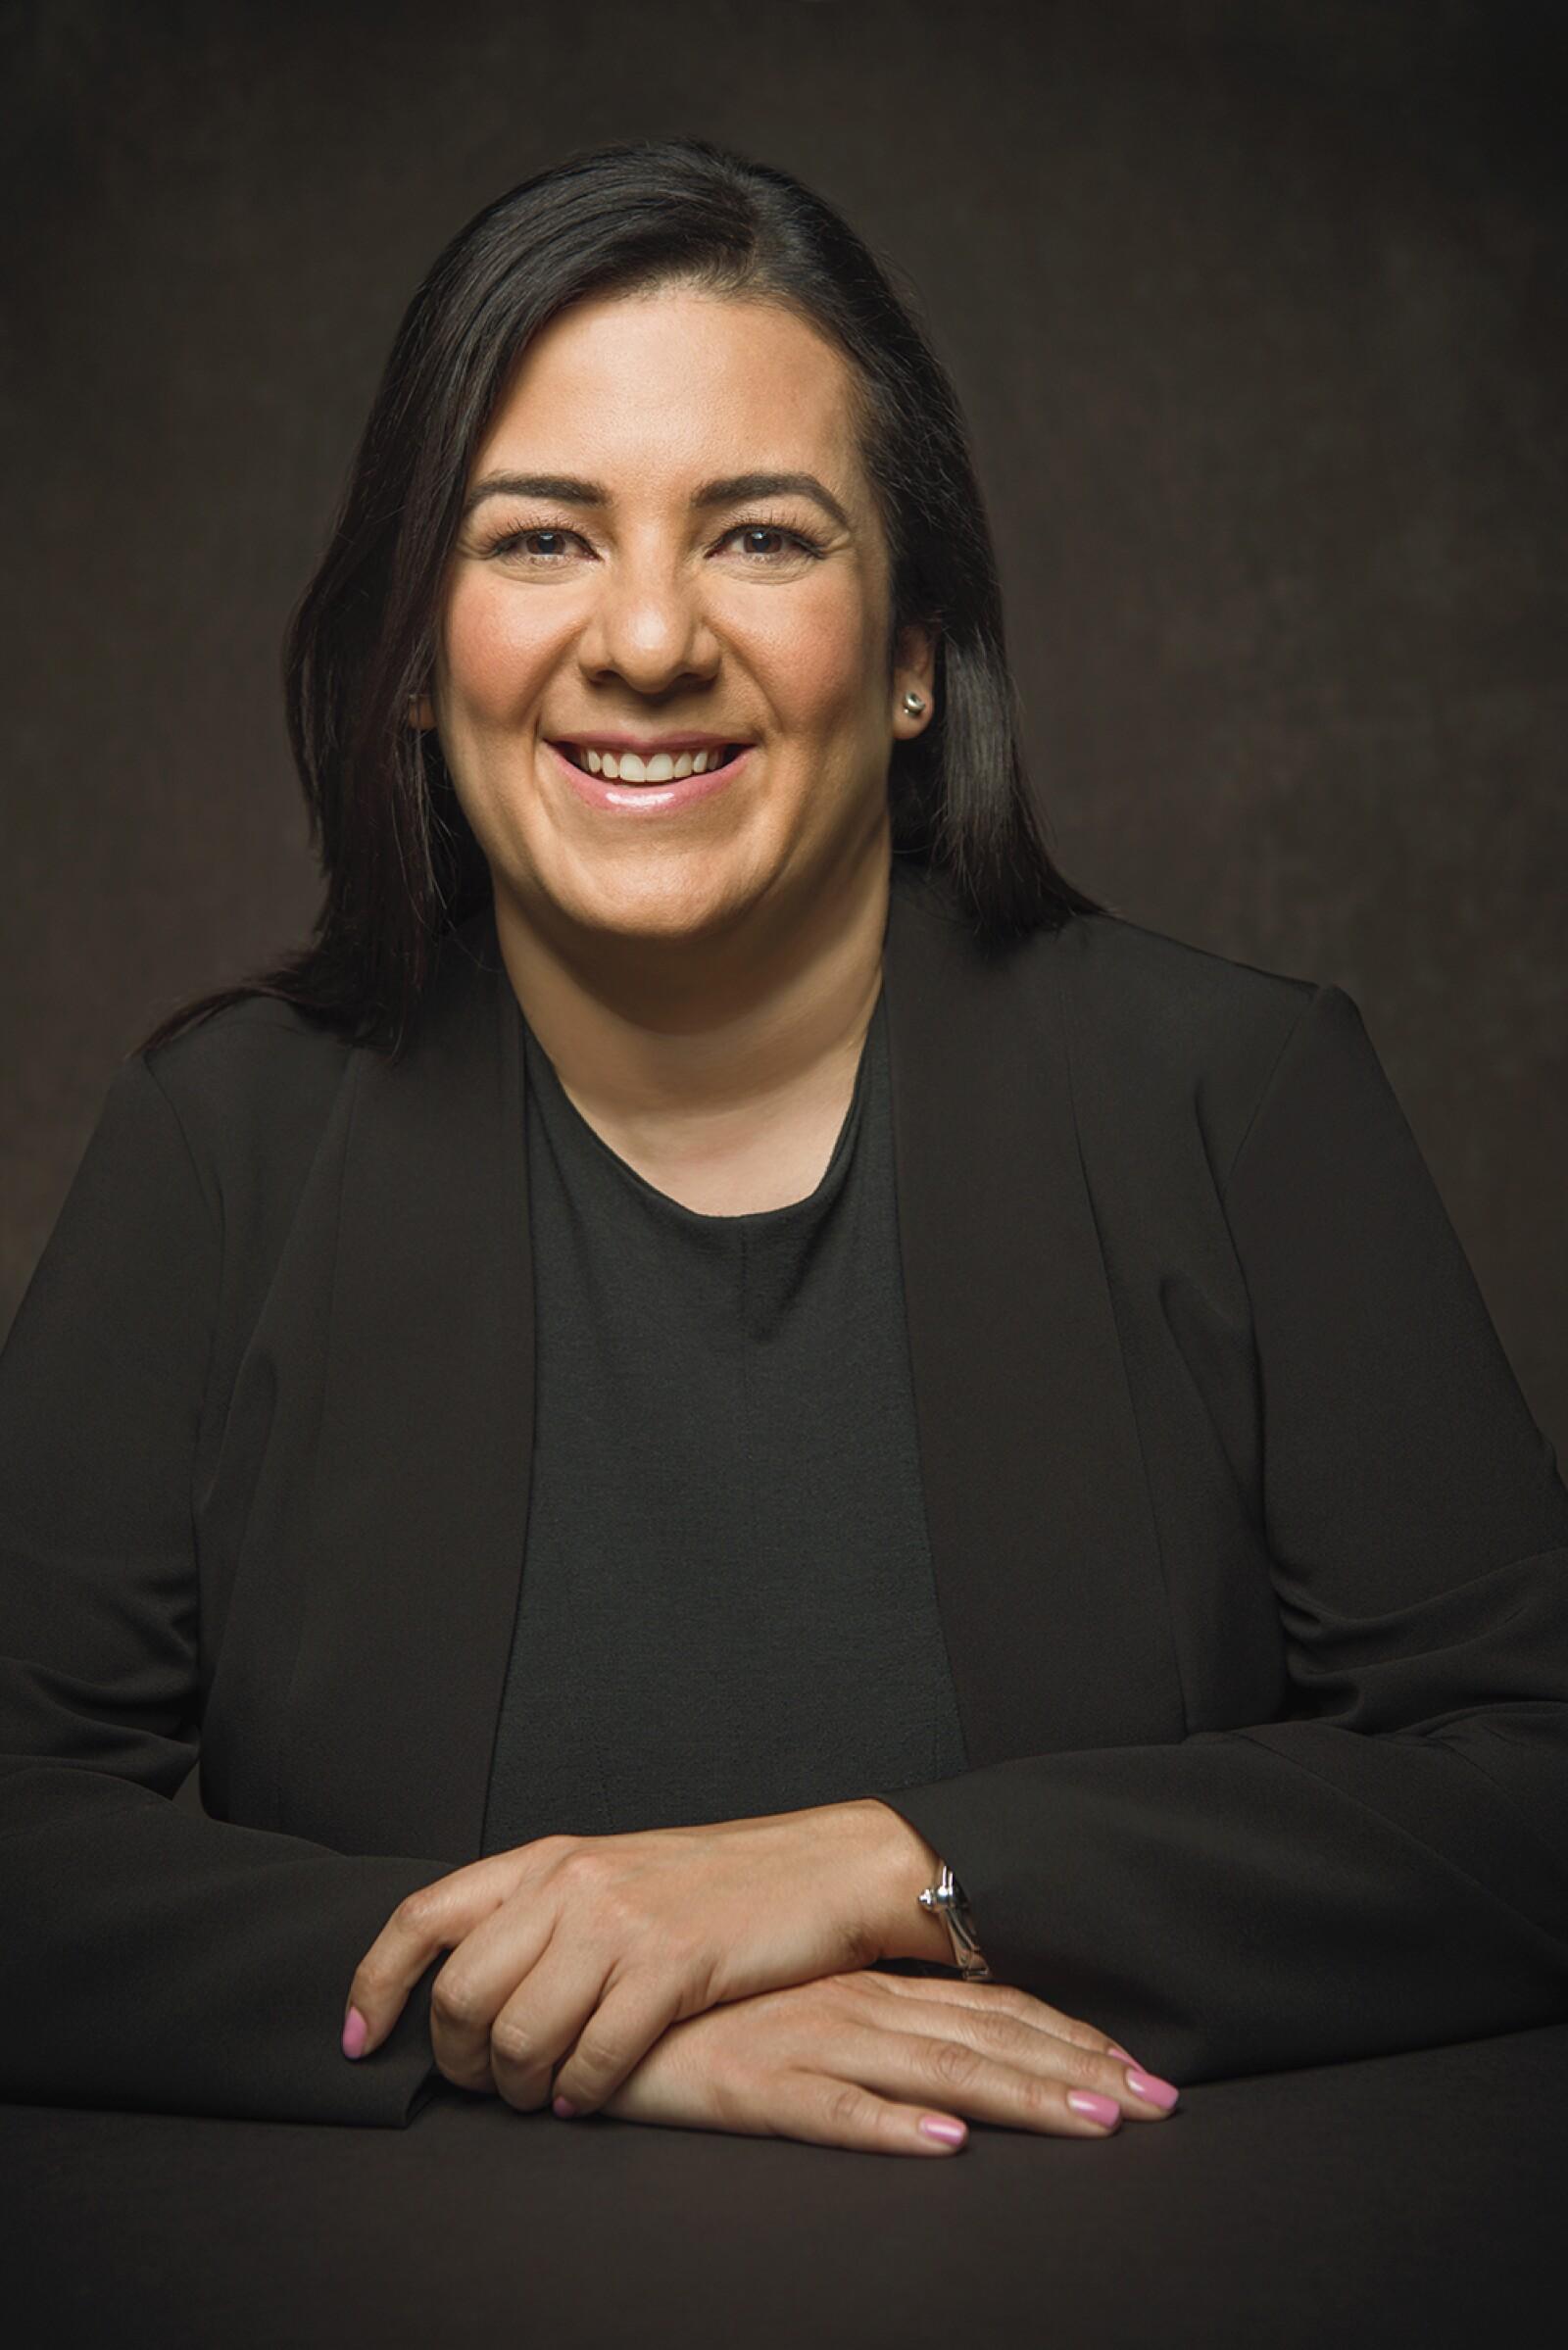 Rosangela Guerra